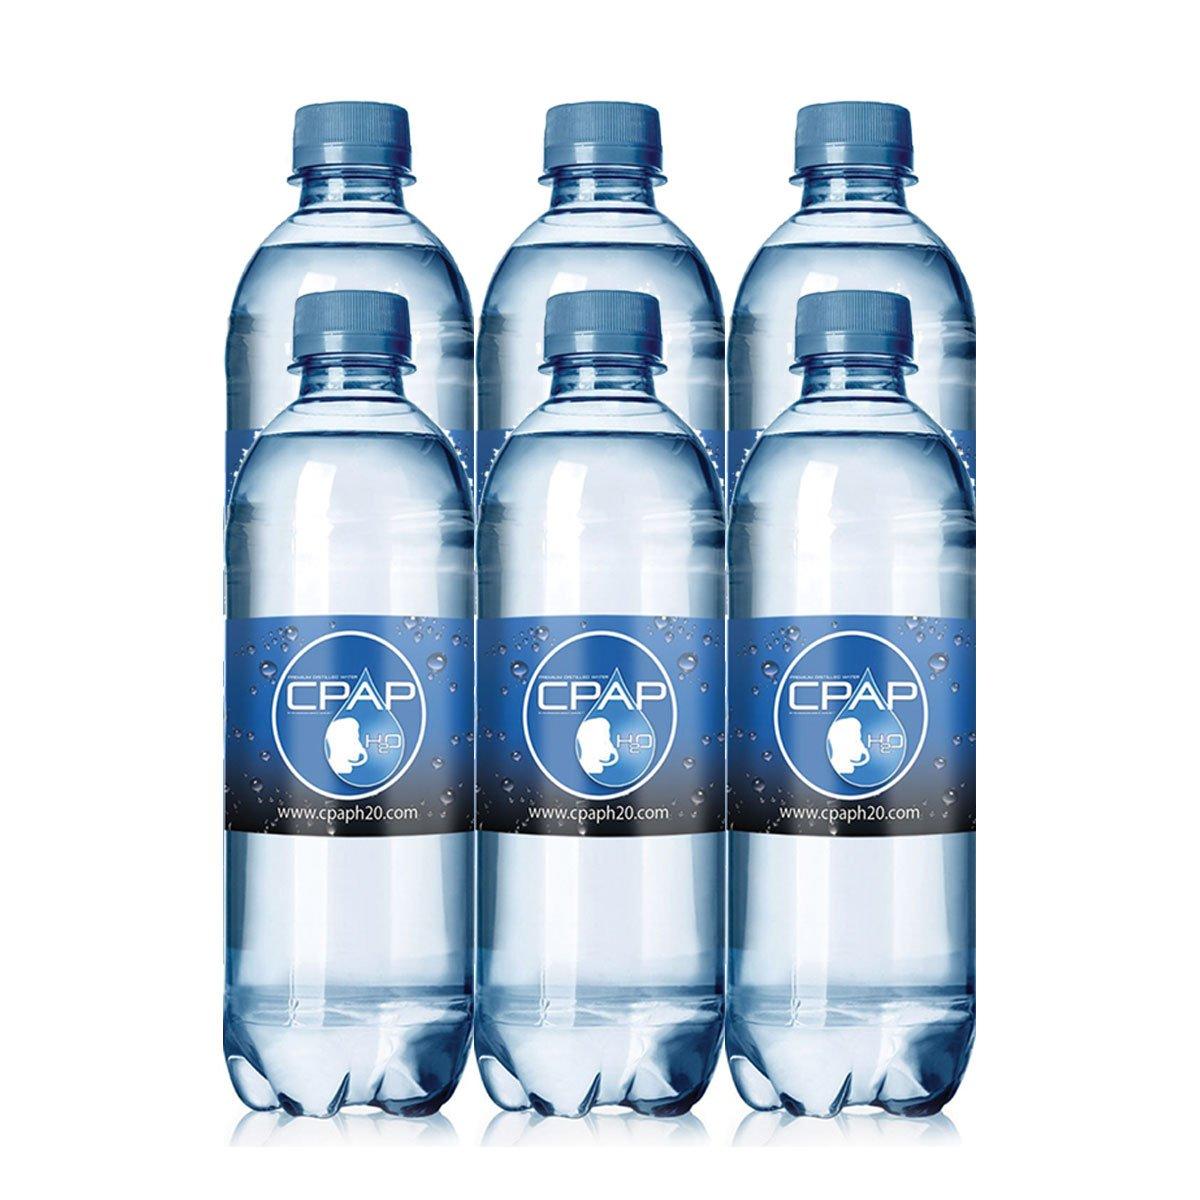 16.9 oz CPAP H20 Premium Distilled Water (Pack of 6)